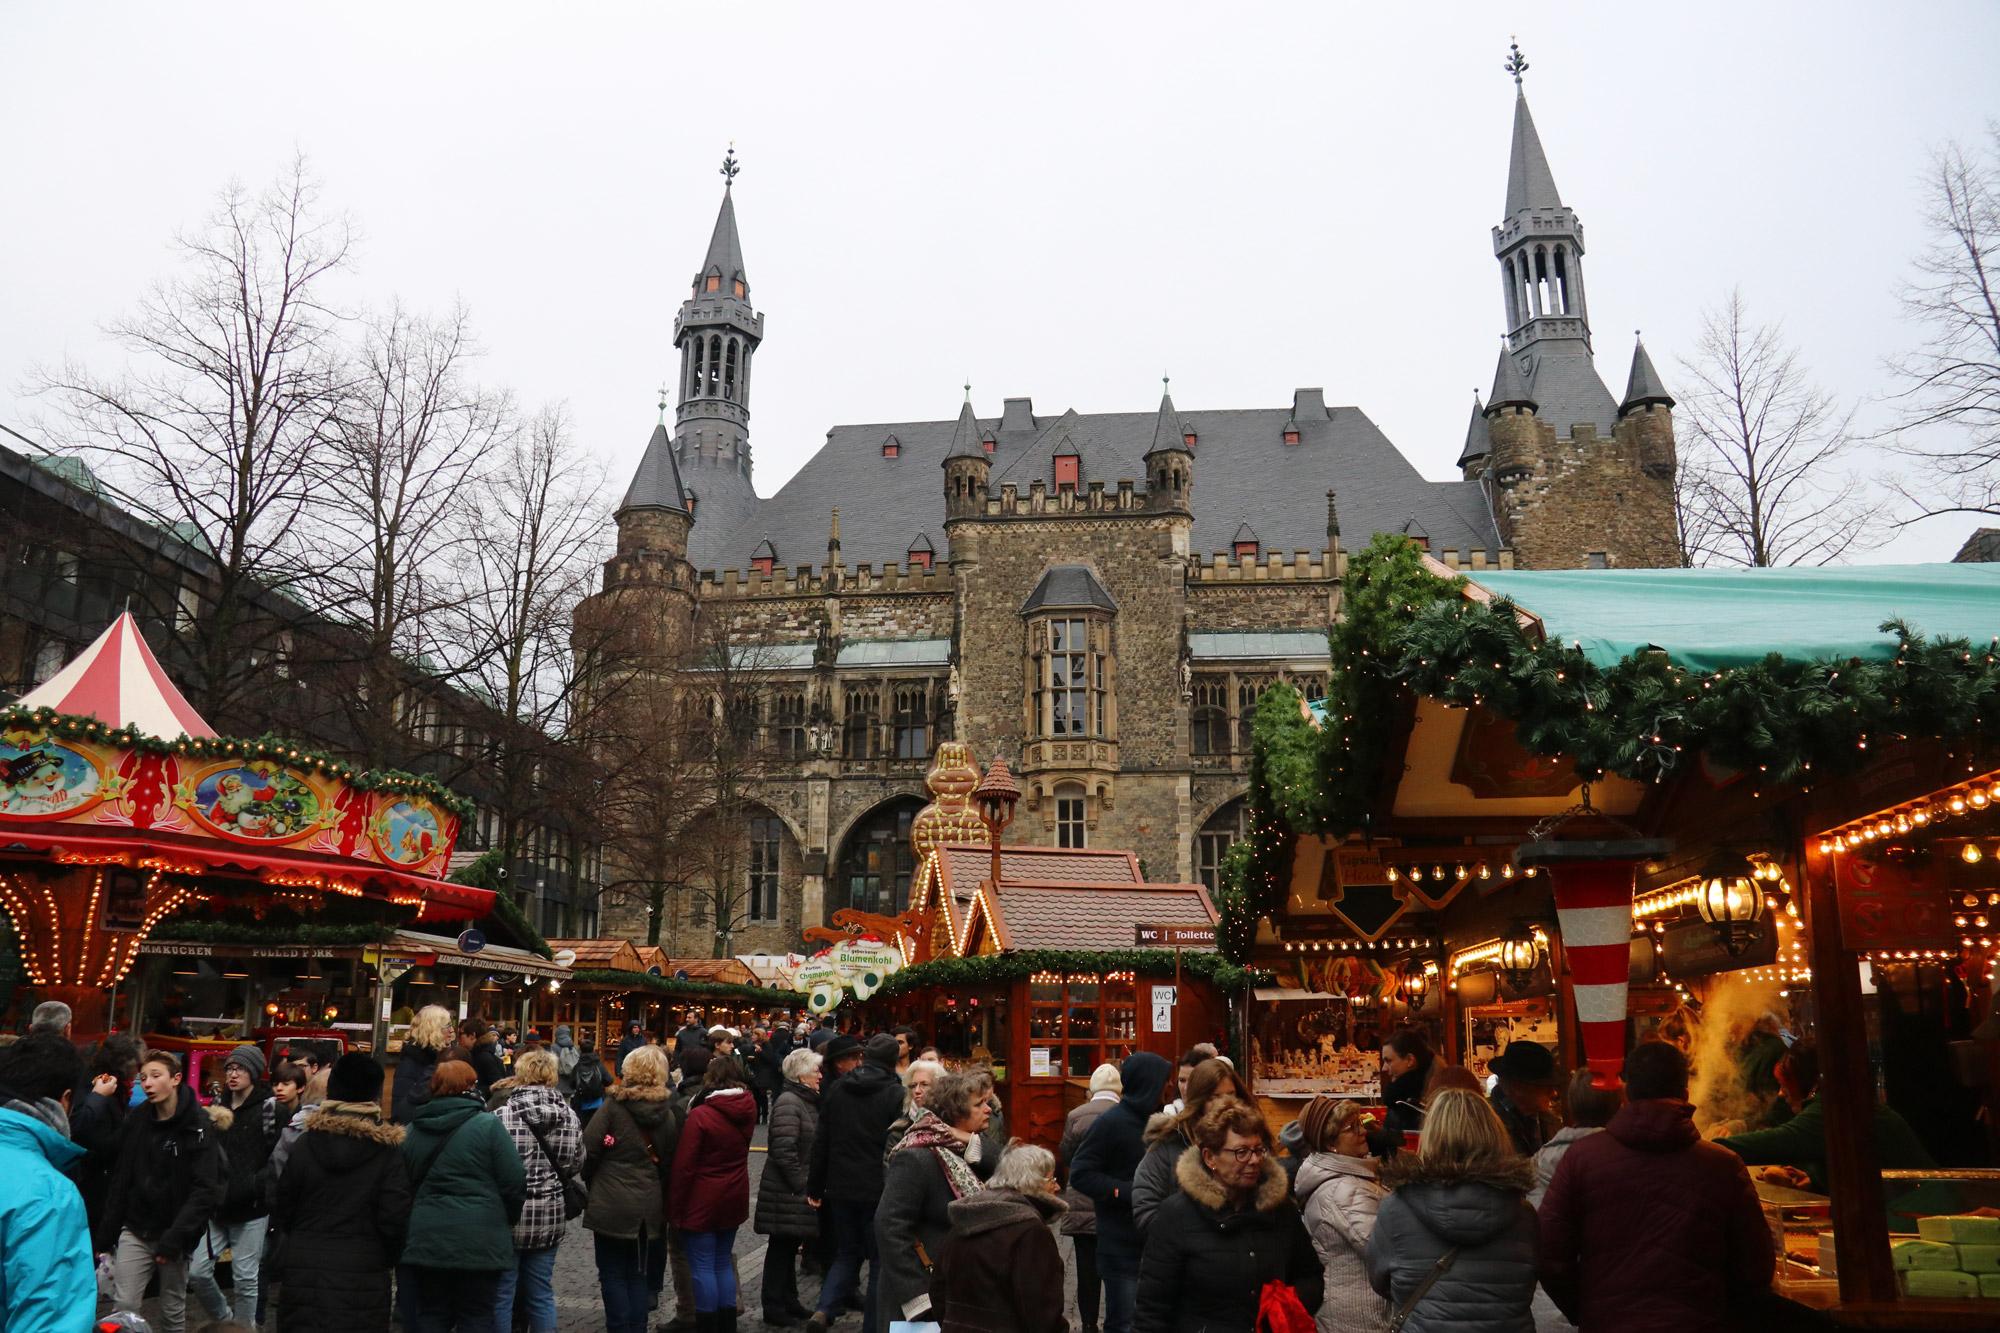 Kerstmarkt van Aken